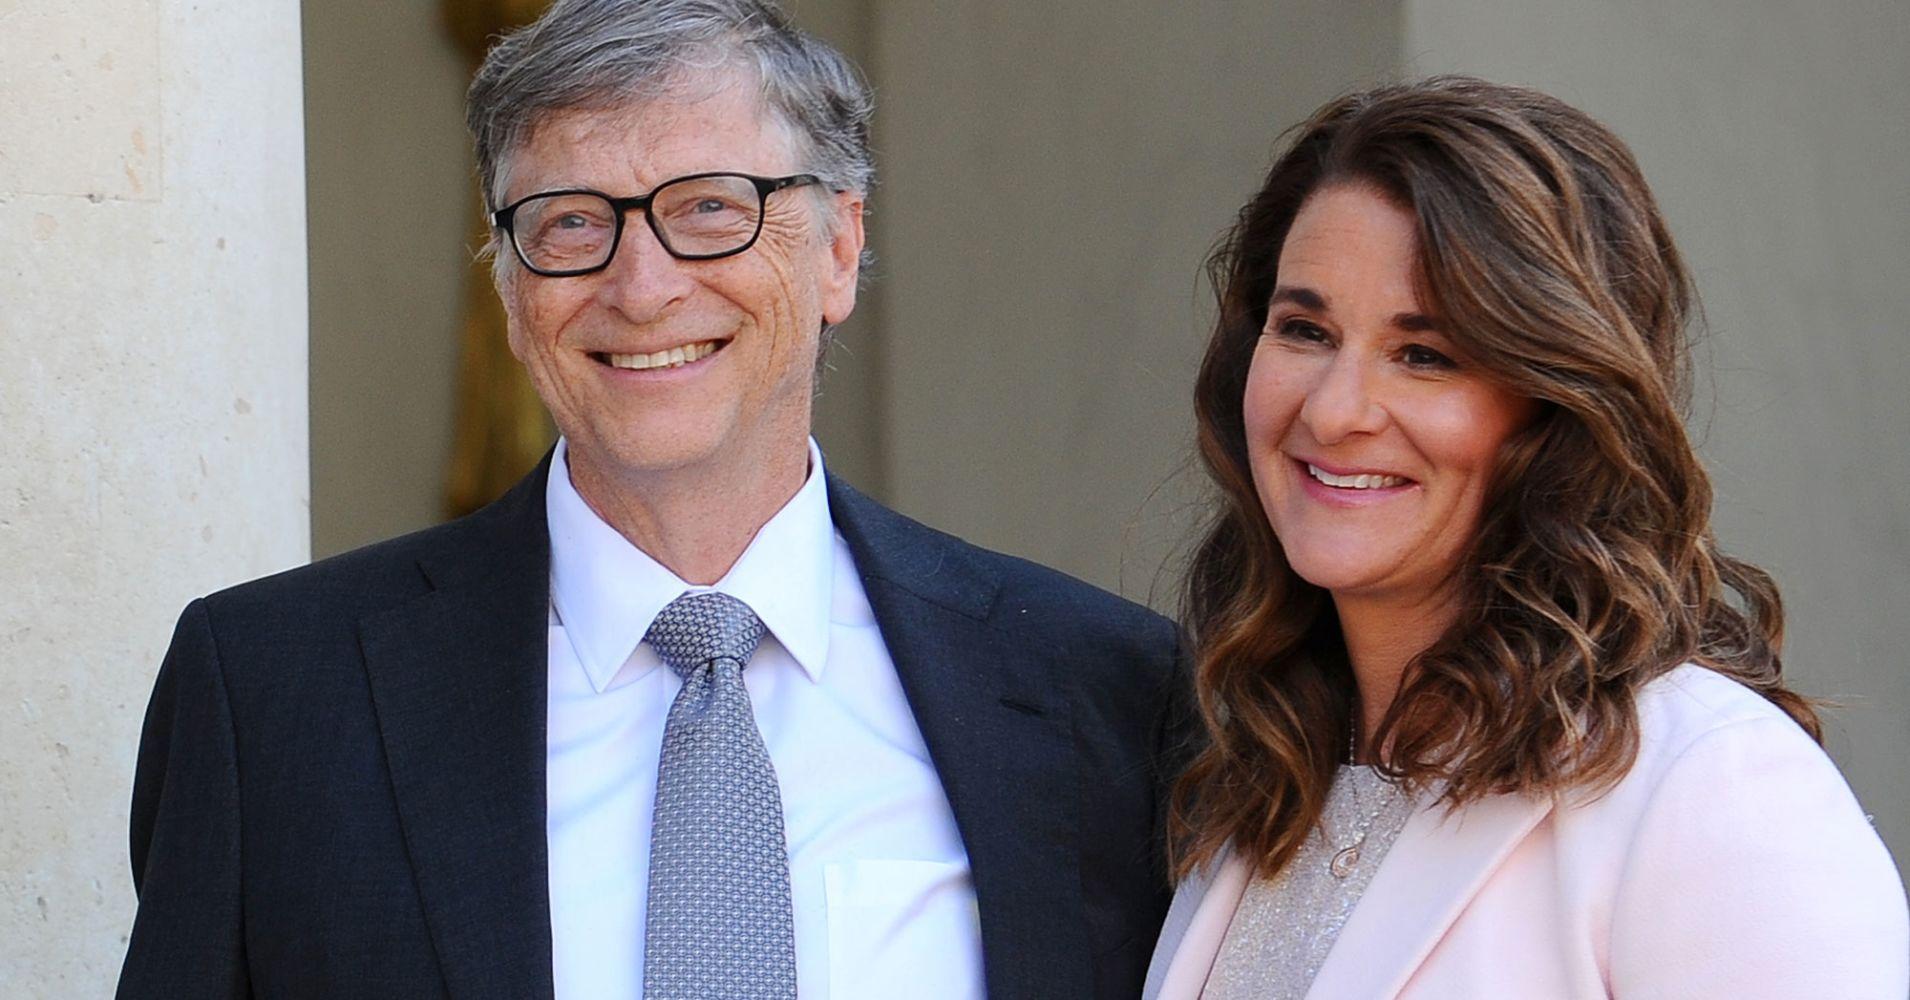 بيل غيتس يعلن انفصاله عن زوجته بعد 27 عاما من الزواج